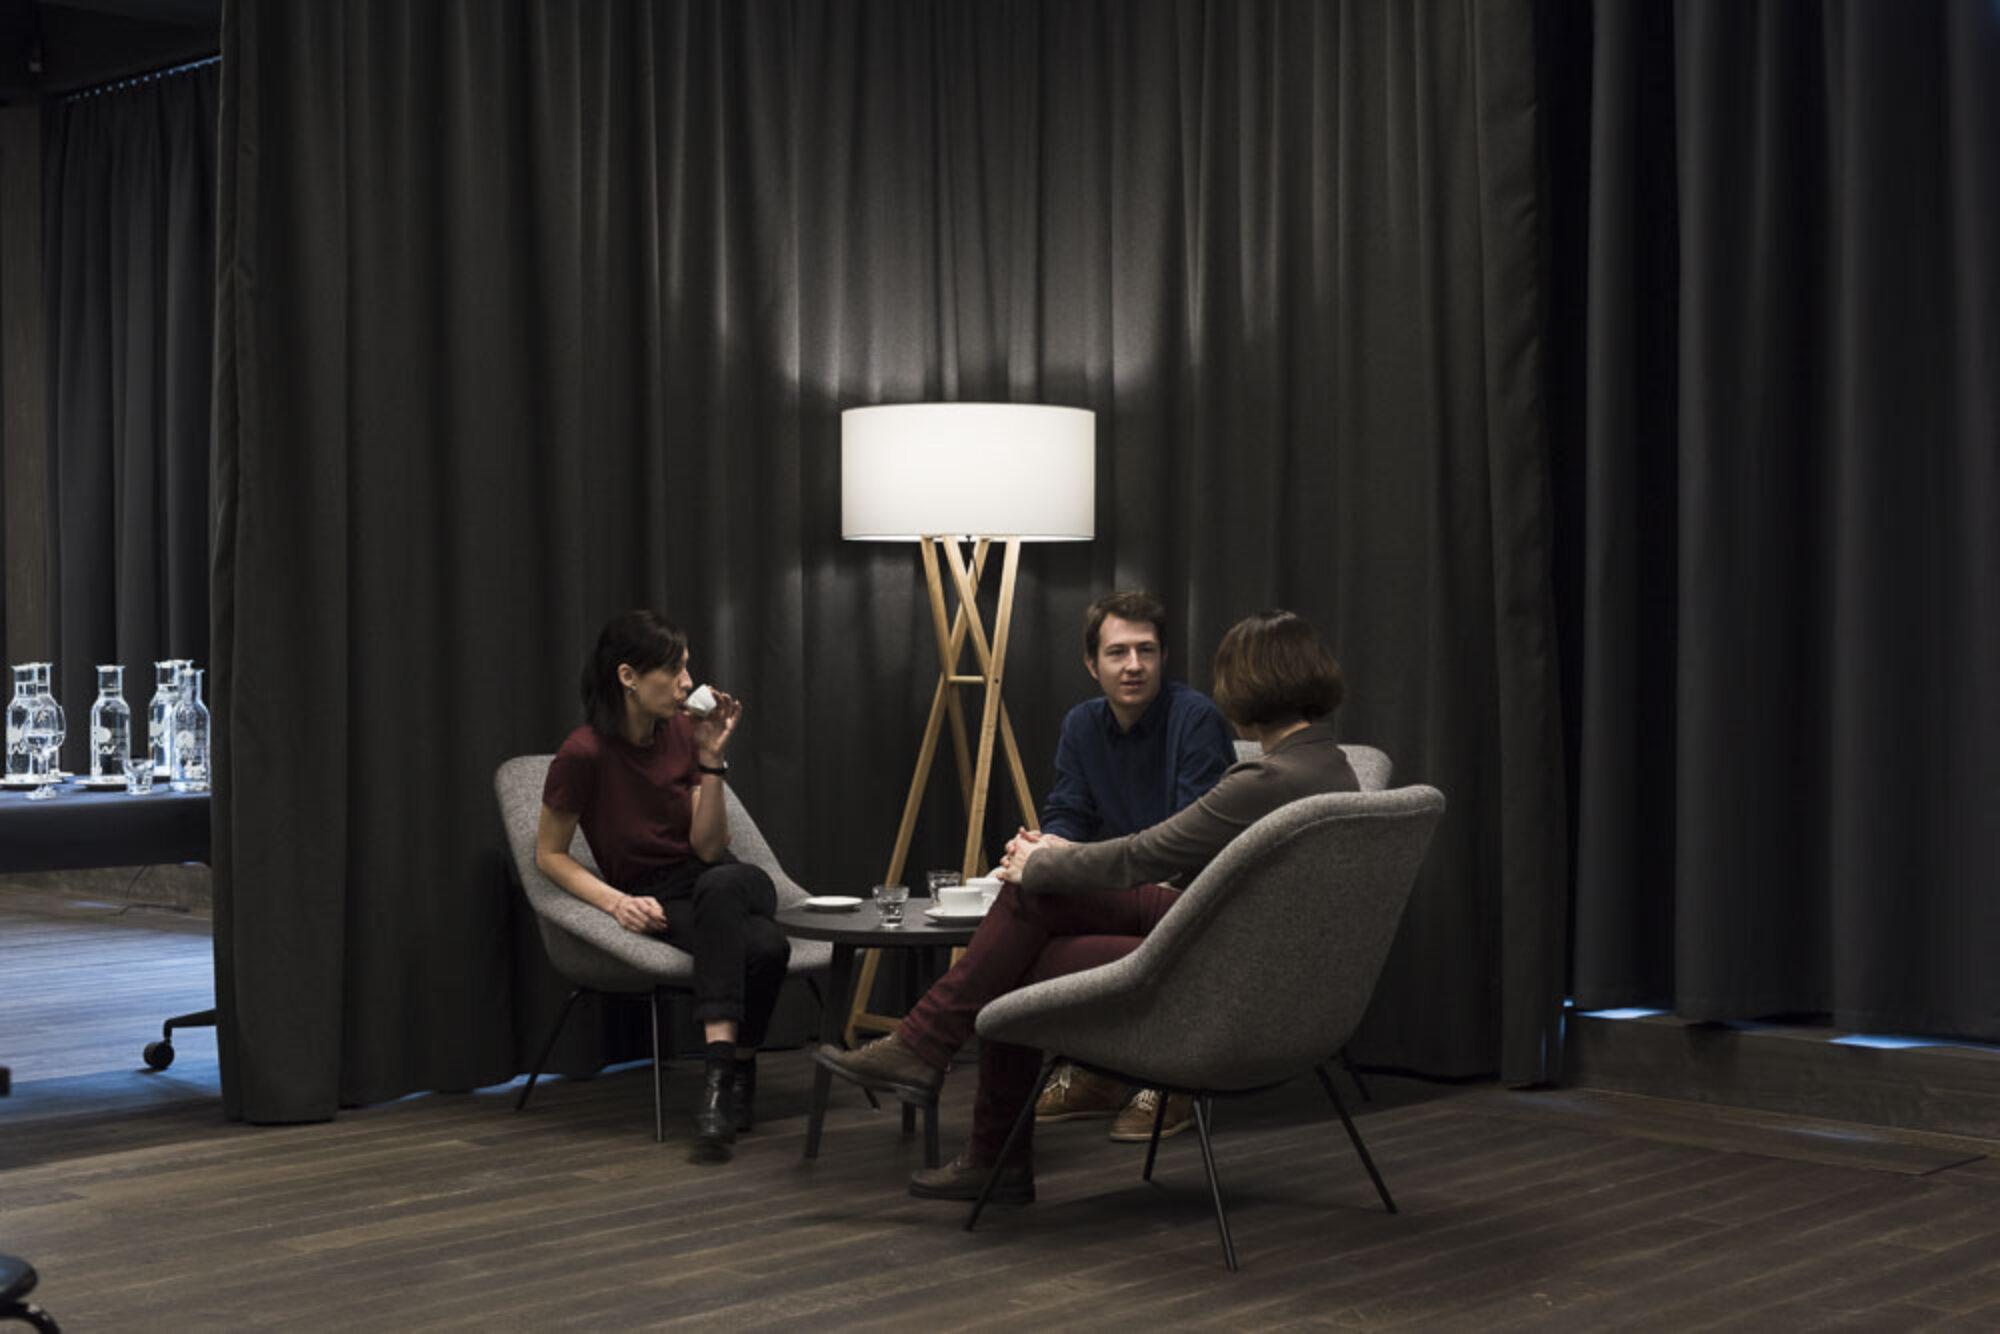 Drei Menschen im Gespräch vertieft, auf Stühlen sitzend, Wasser-Karaffen im linken Hintergrund auf mobilem Tisch.